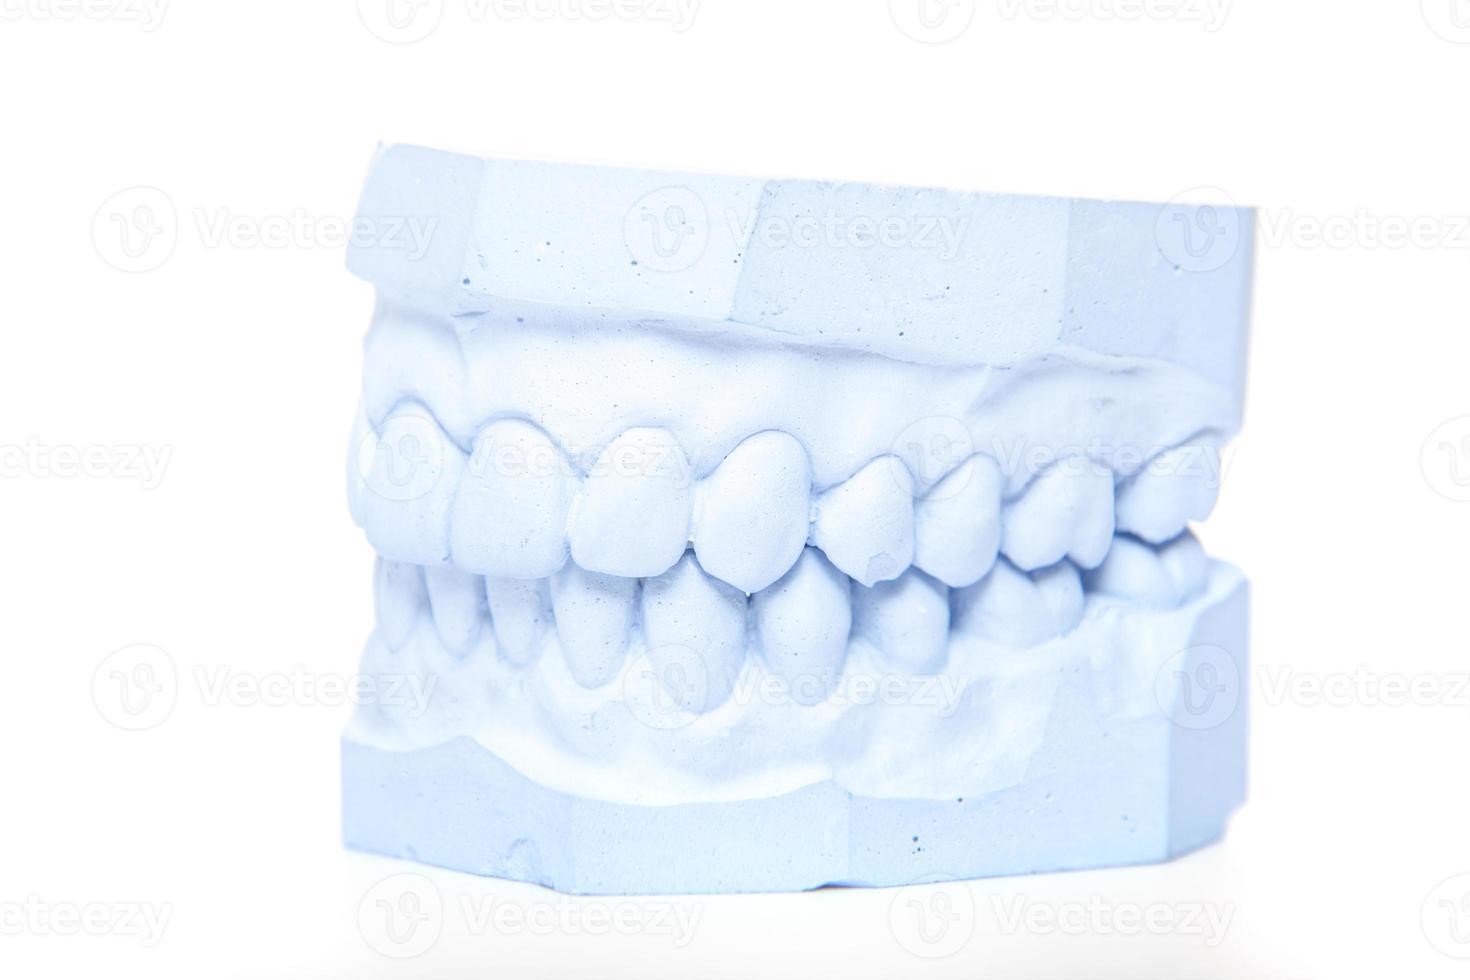 Plaster cast of teeth photo